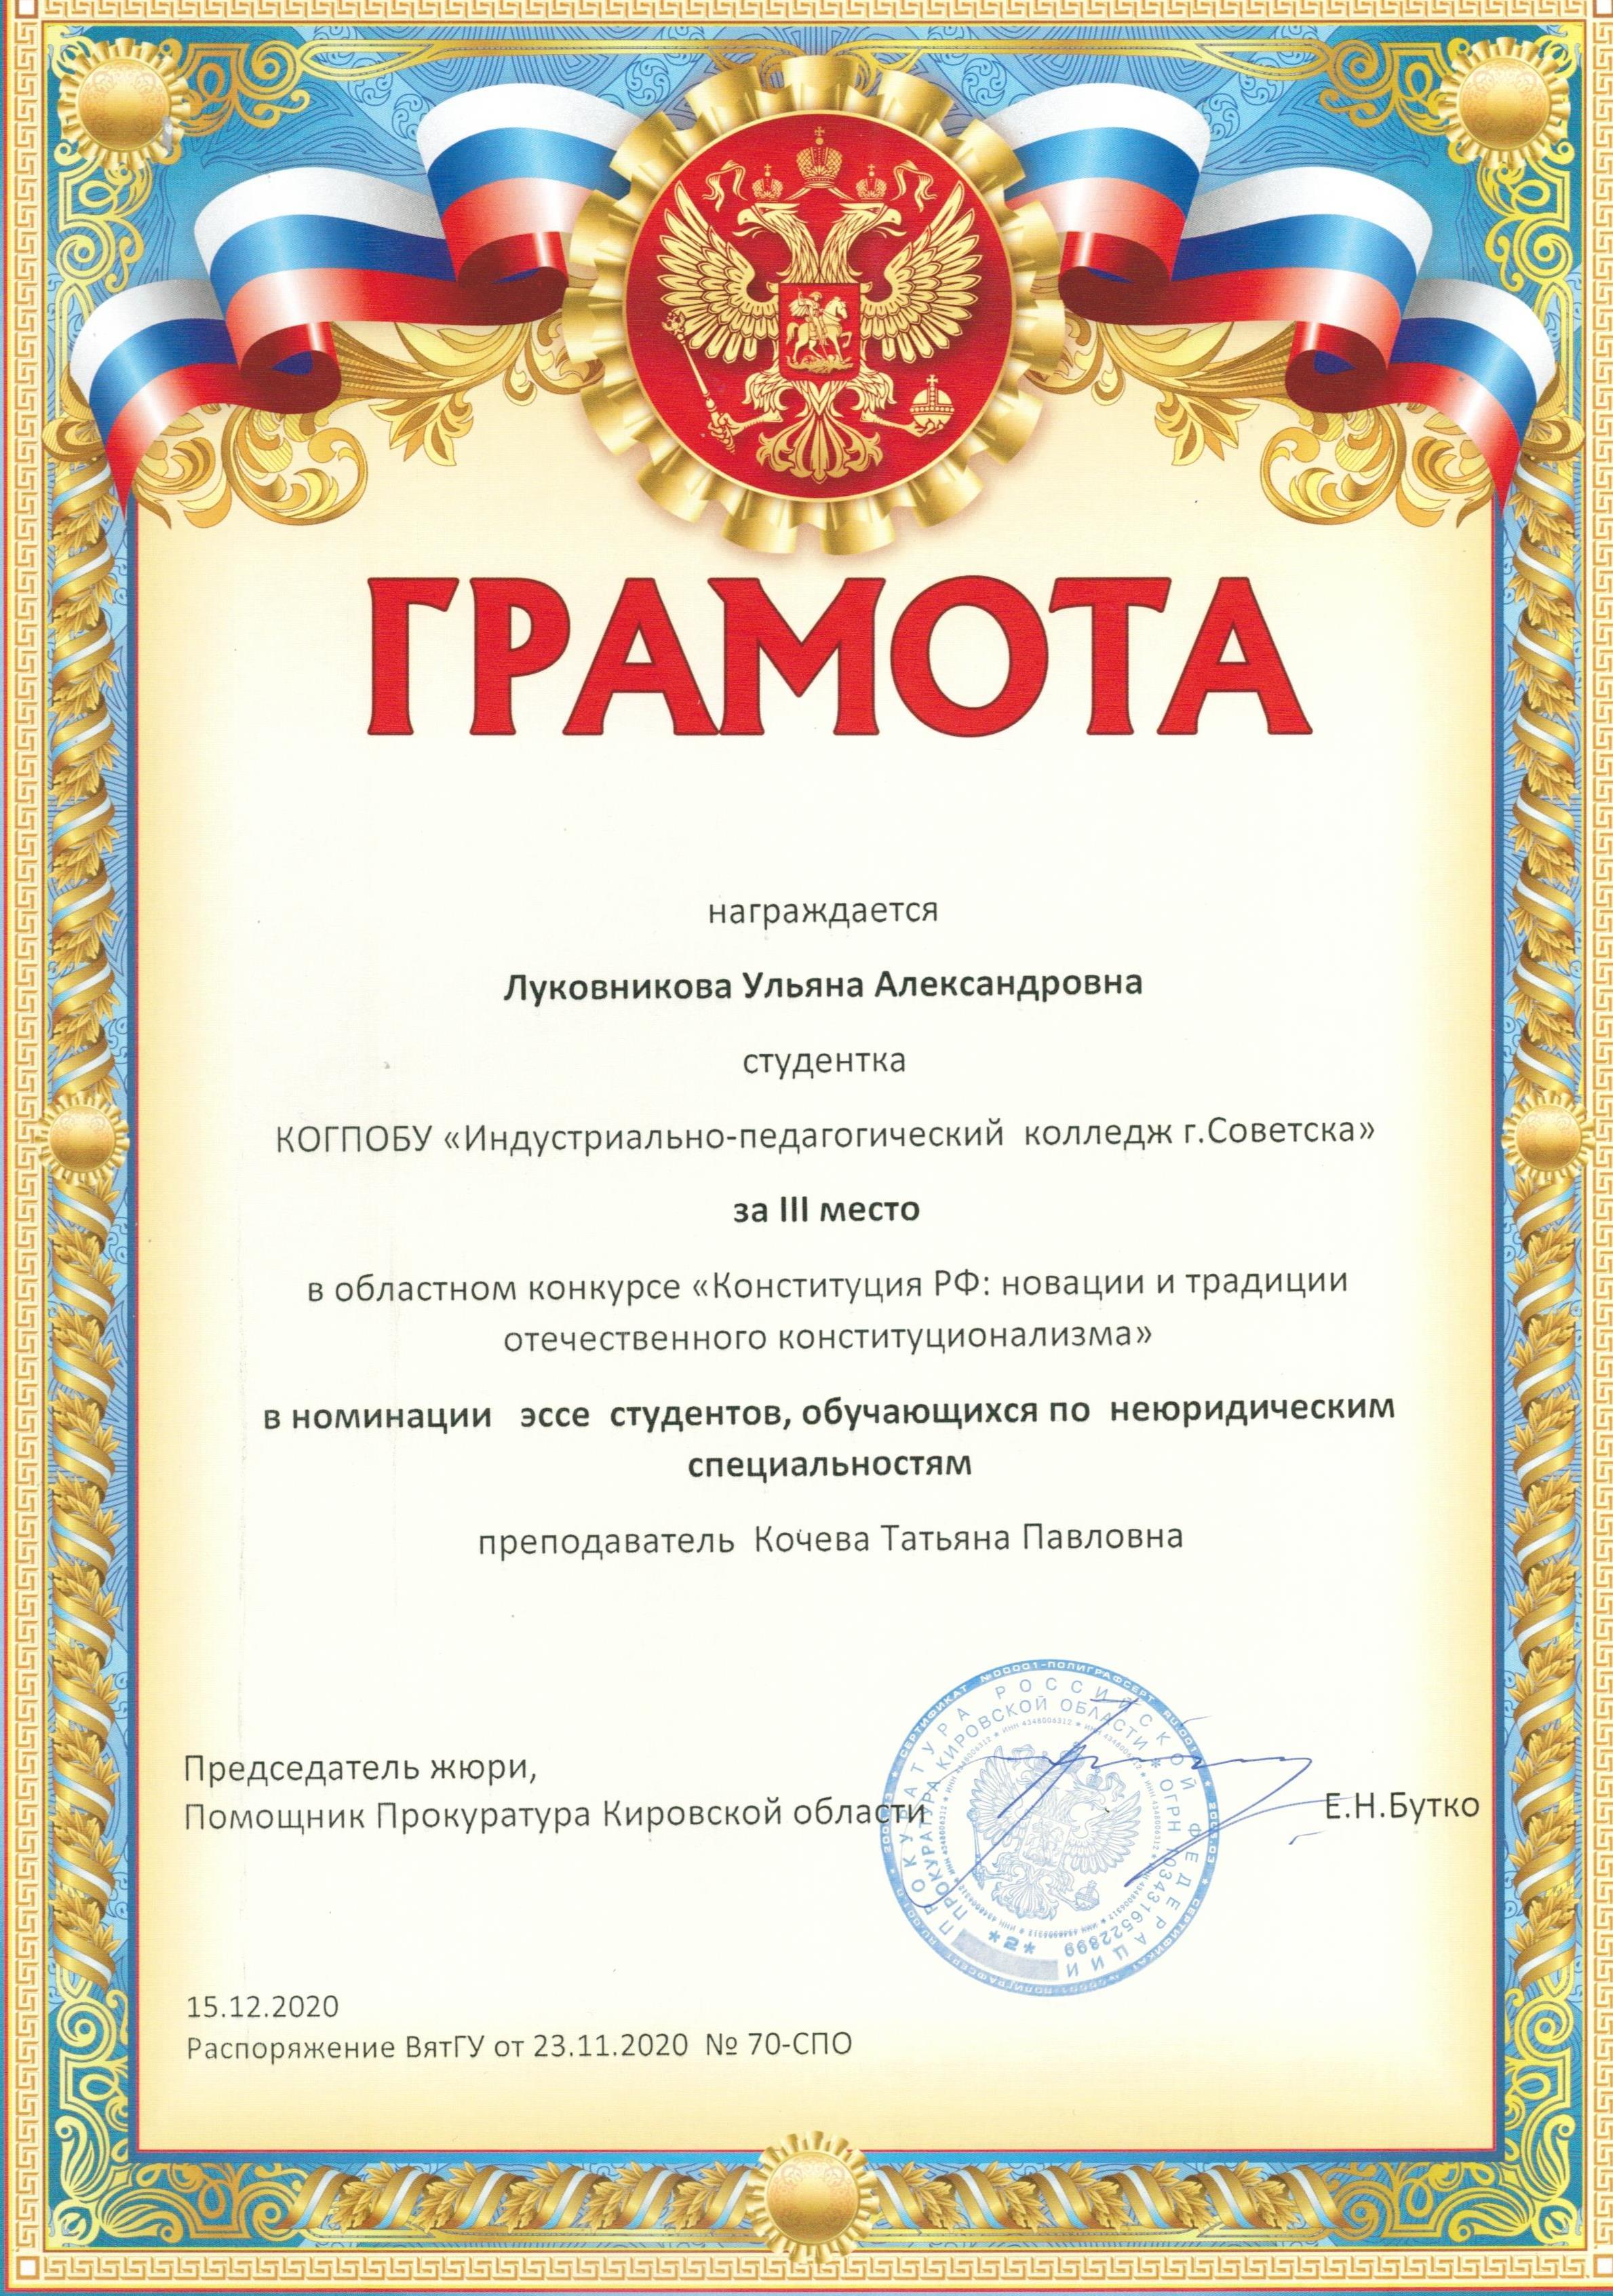 эссе Луковникова